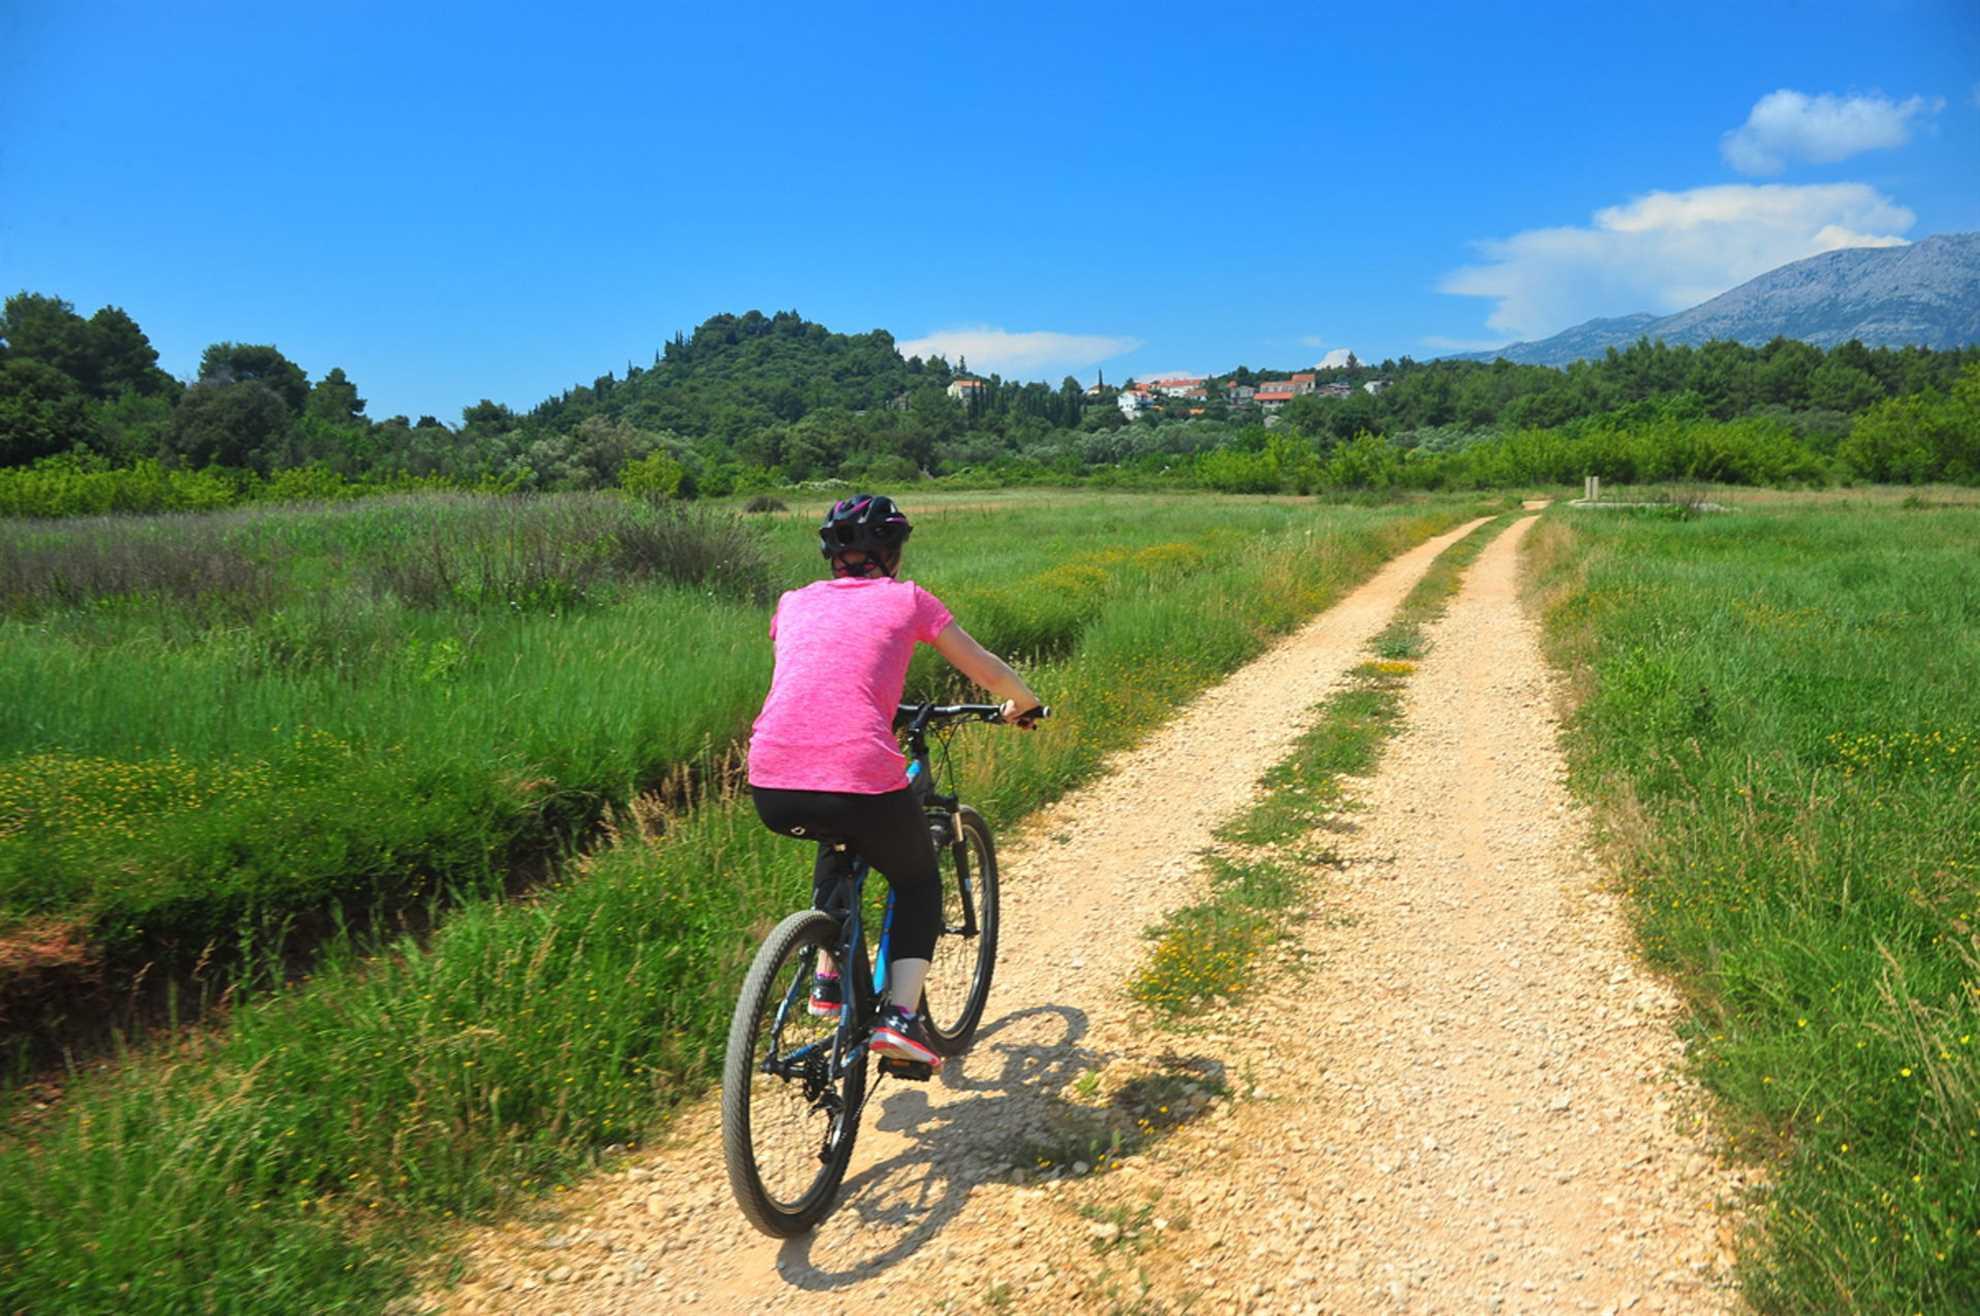 Riding a bike in Croatia